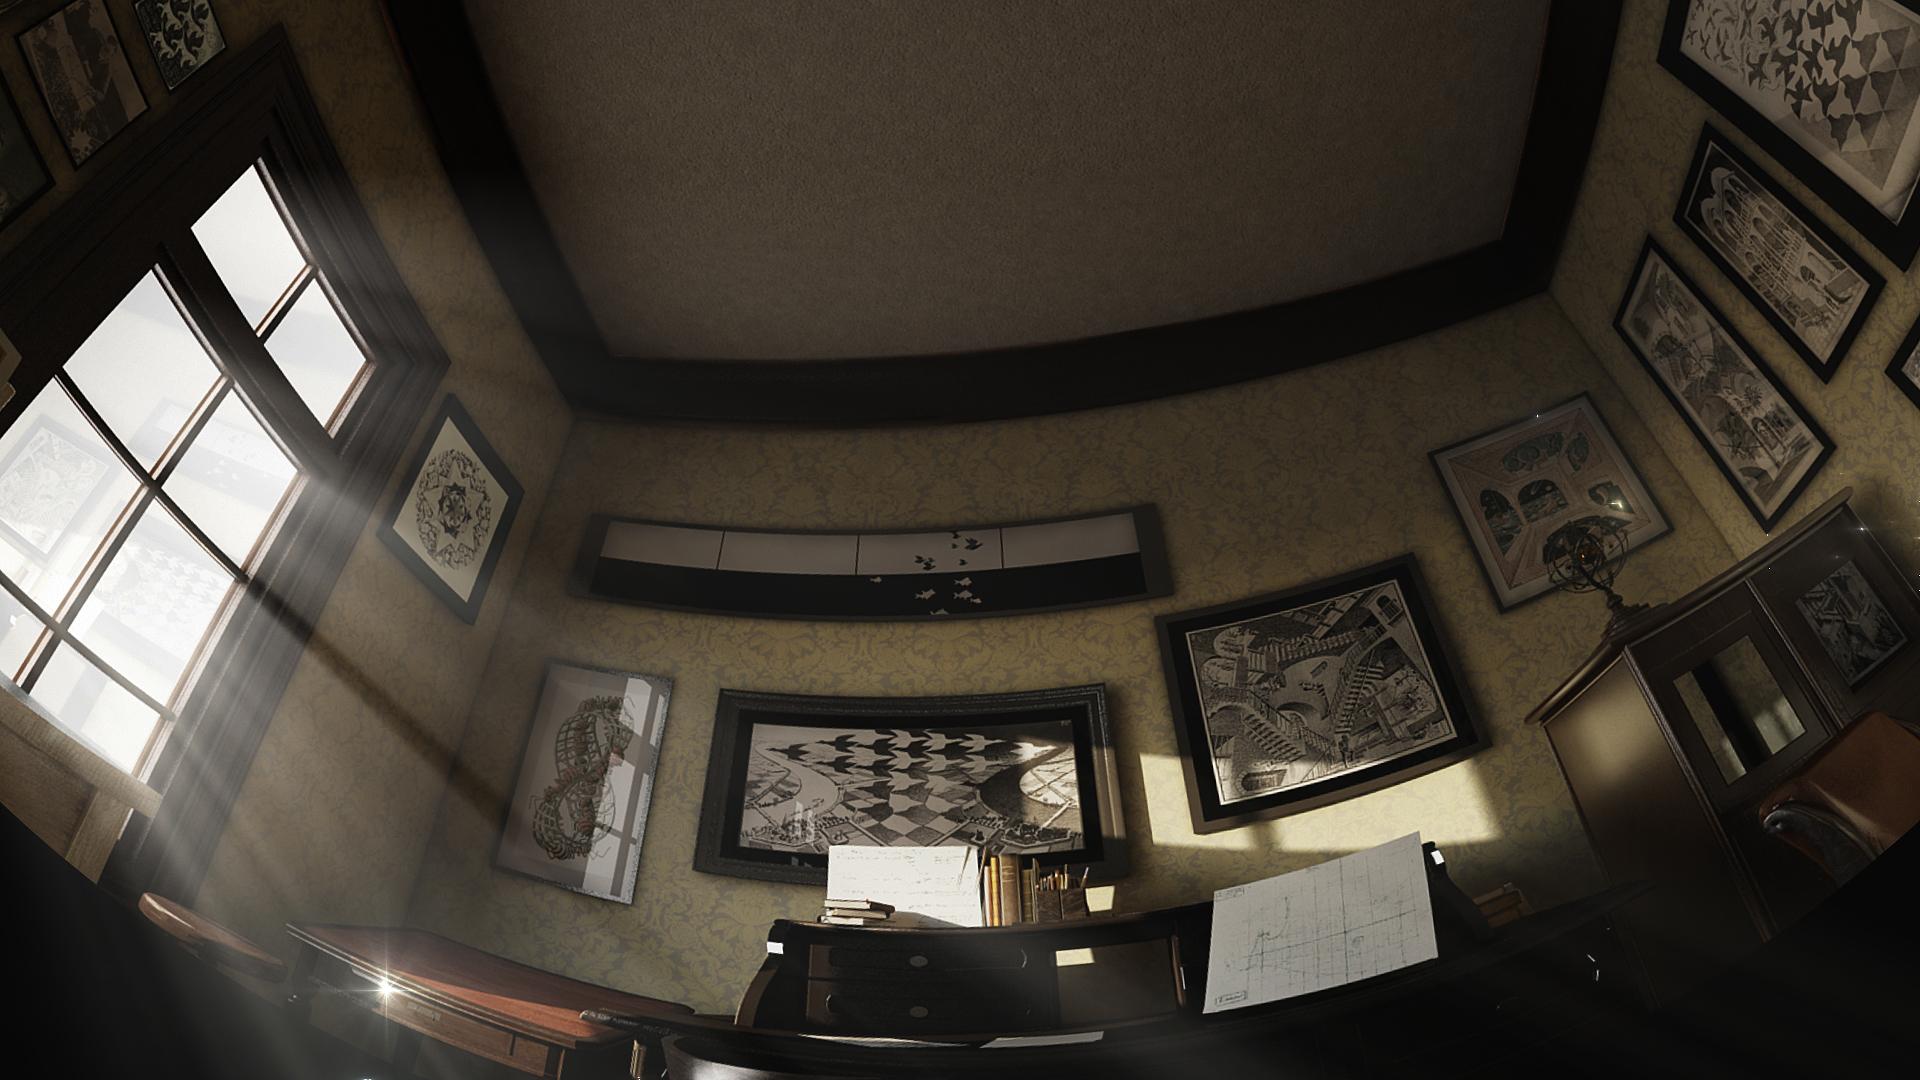 documental-el-exilio-escher-despacho-2000x2000